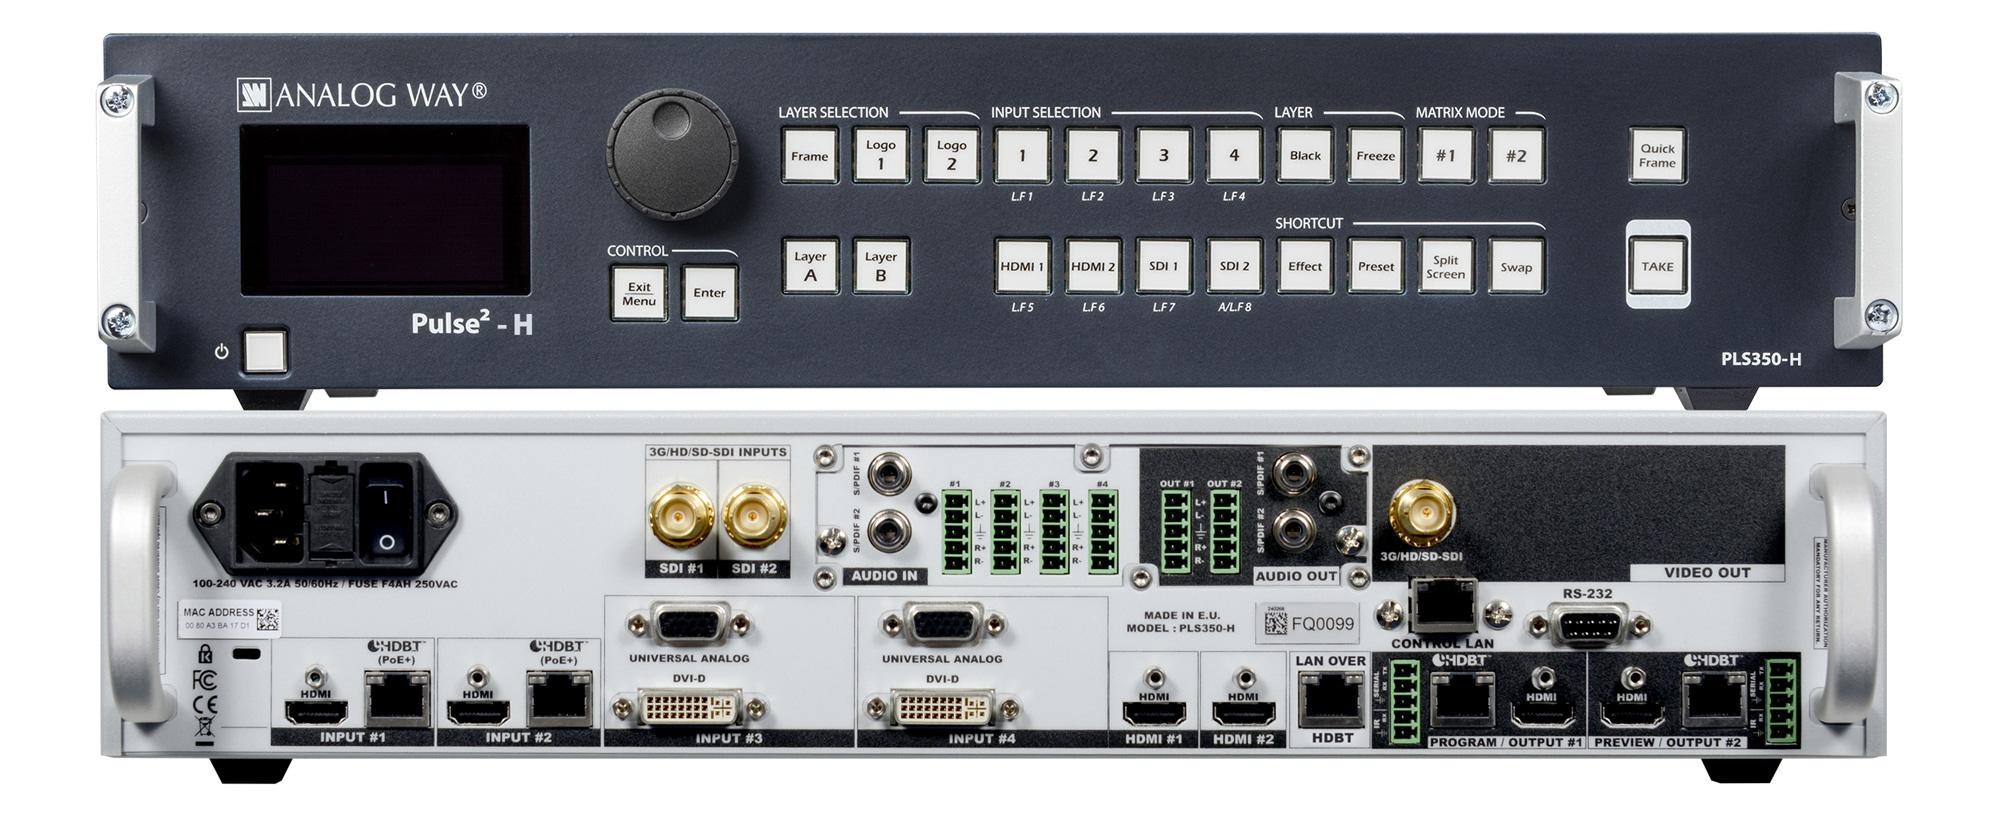 Analog Way Pls350 H 8 Input Hi Res Mixer Amp Seamless